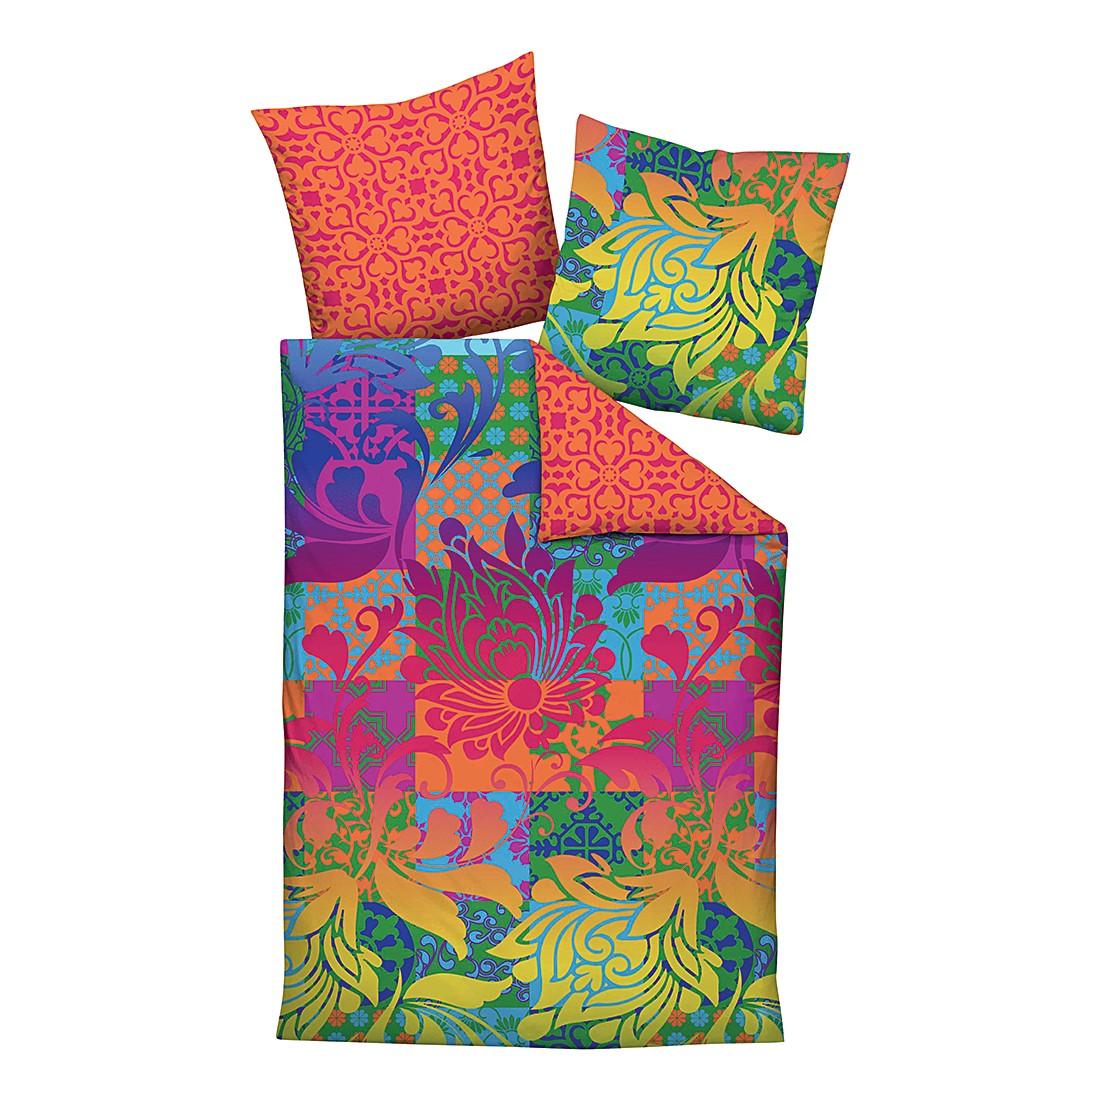 edelflanell bettw sche corinna pink 155 x 200 cm kissen 80 x 80 cm biberna online kaufen. Black Bedroom Furniture Sets. Home Design Ideas